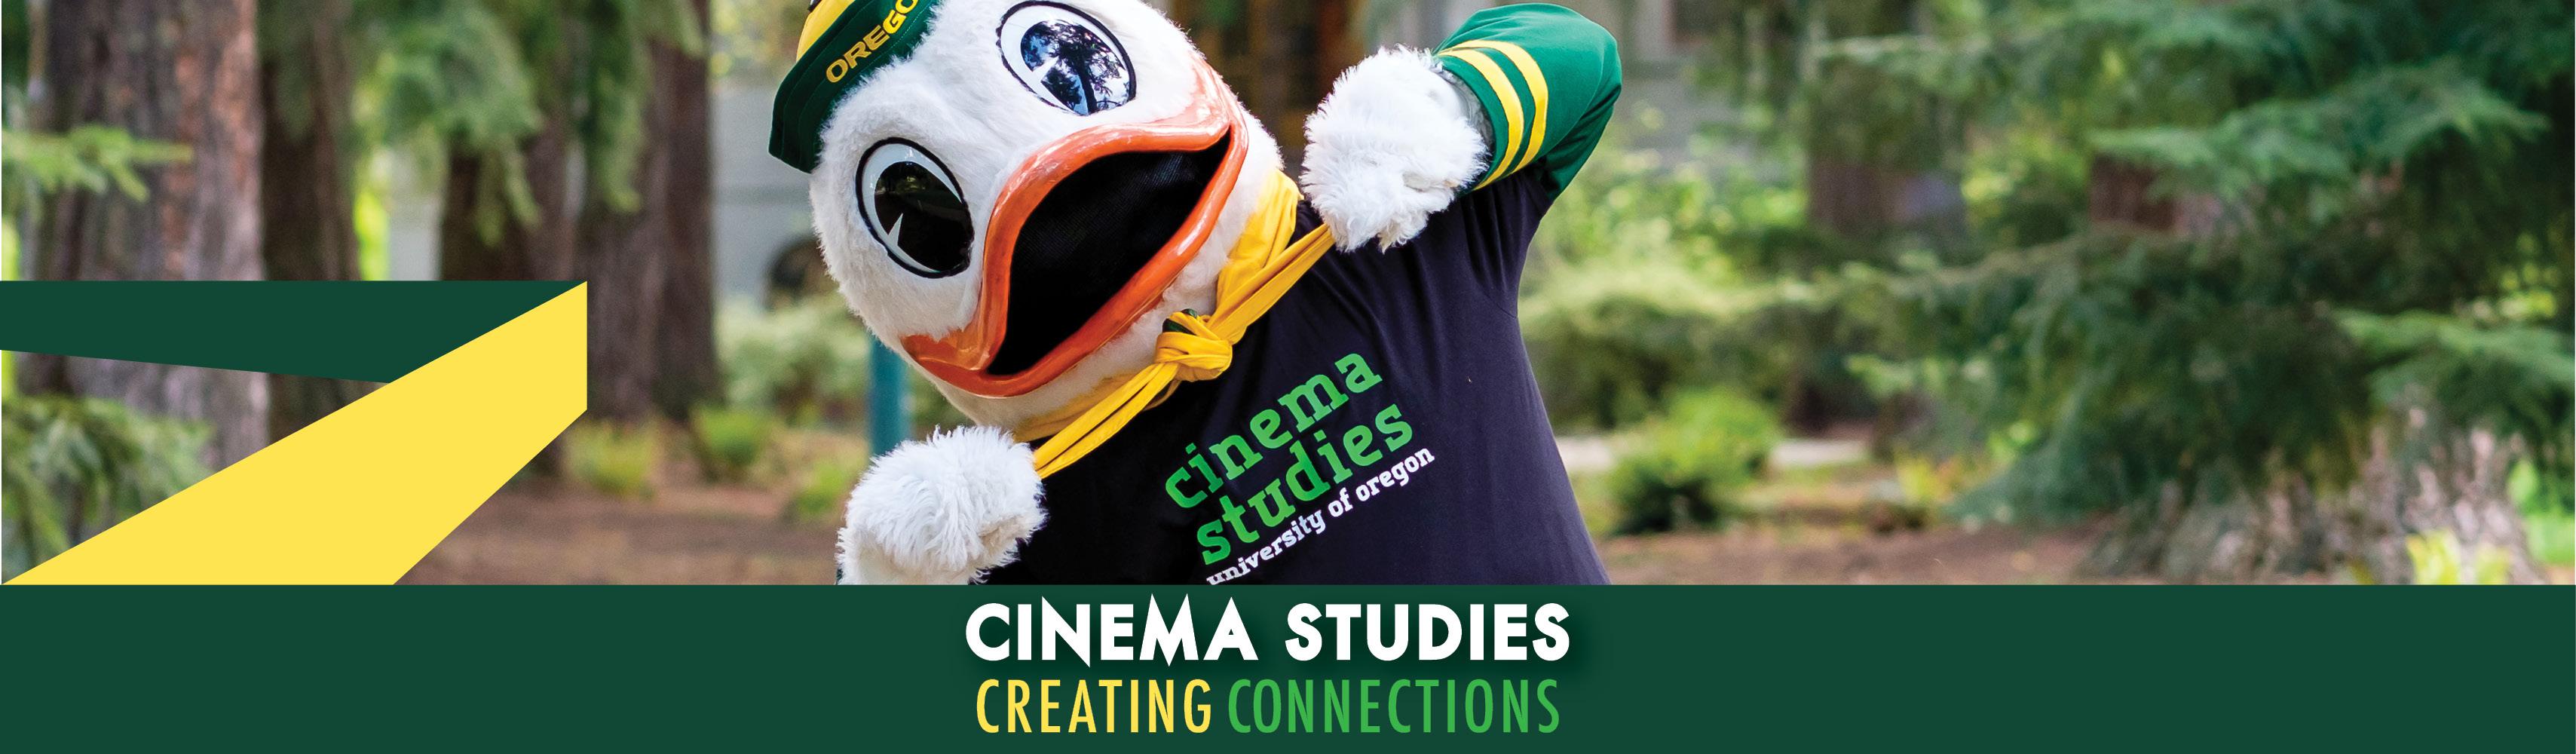 Photo of UO Duck Mascot in Cinema Studies T-shirt